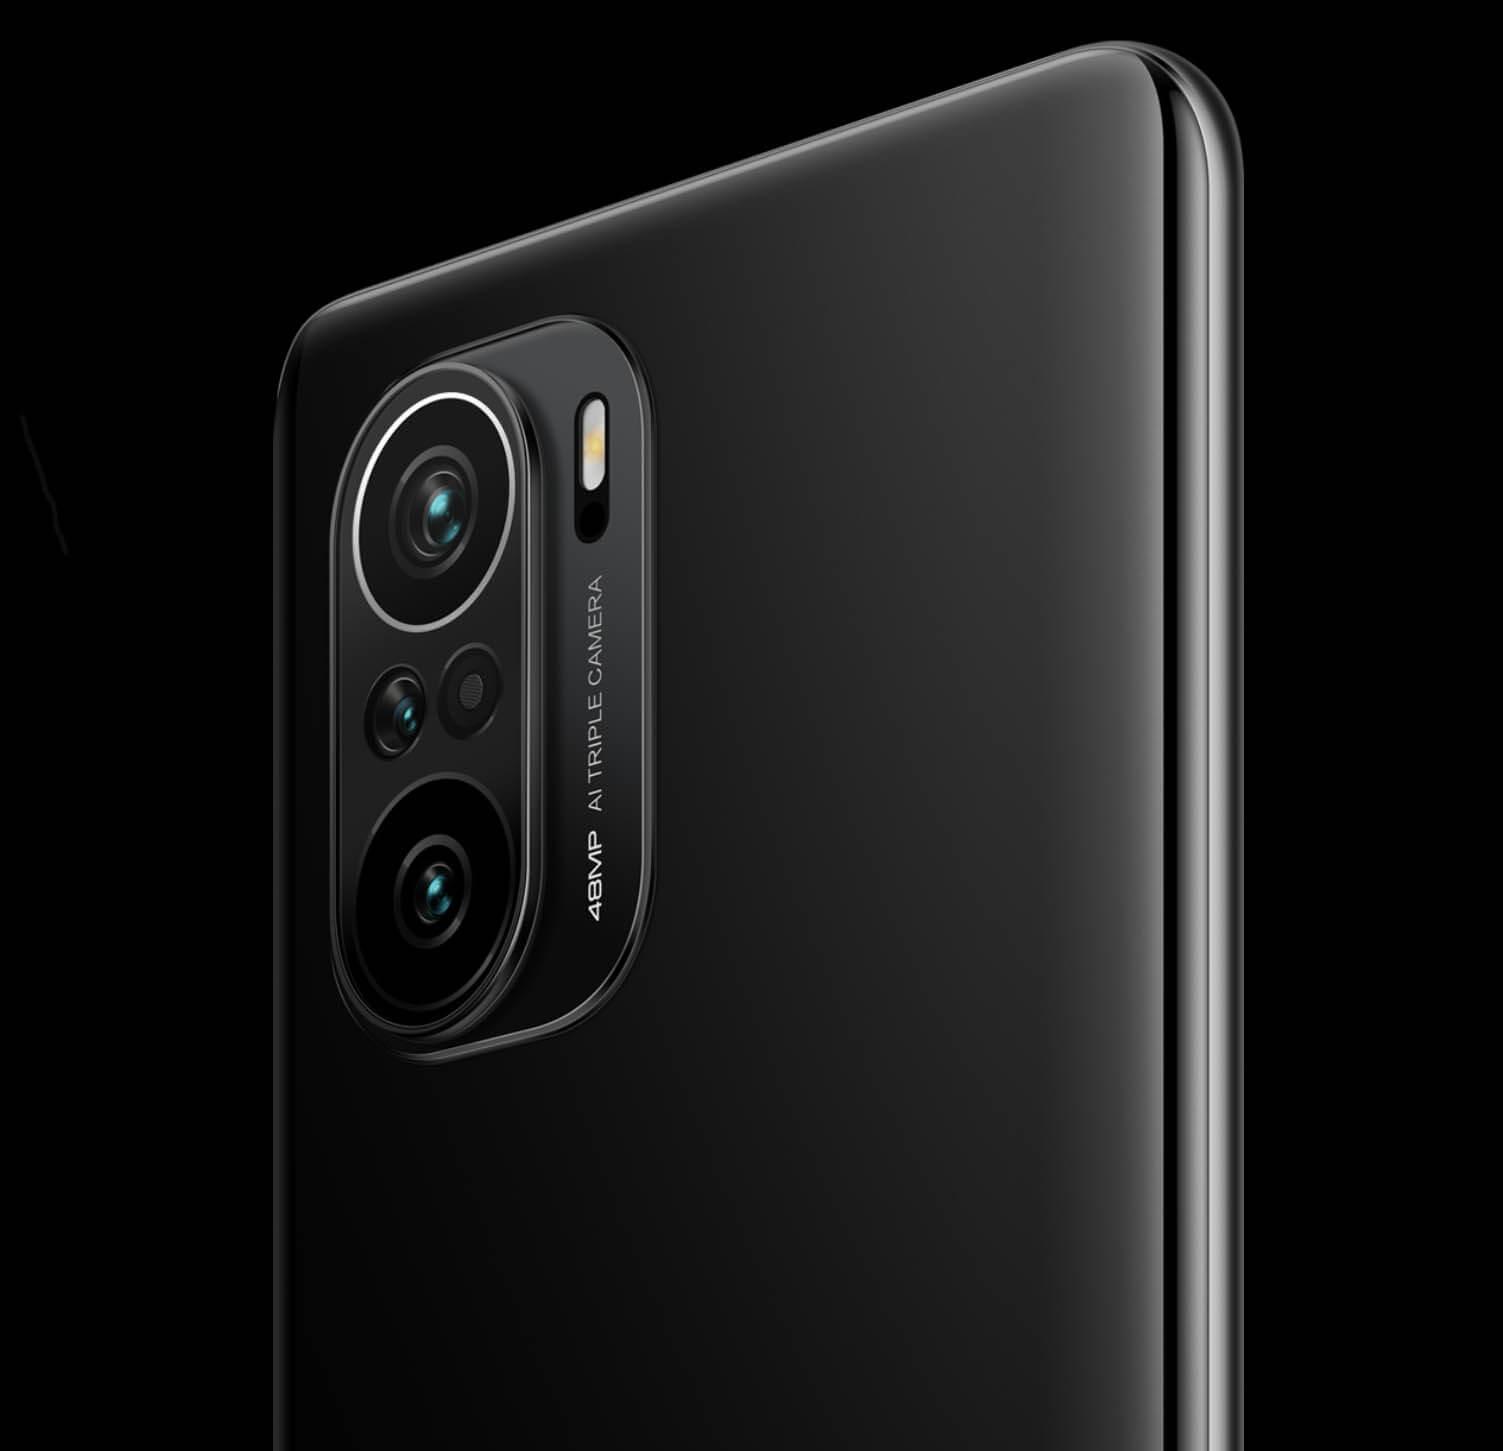 Xiaomi POCO F3のカメラは撮る事が楽しくなる専用モード搭載